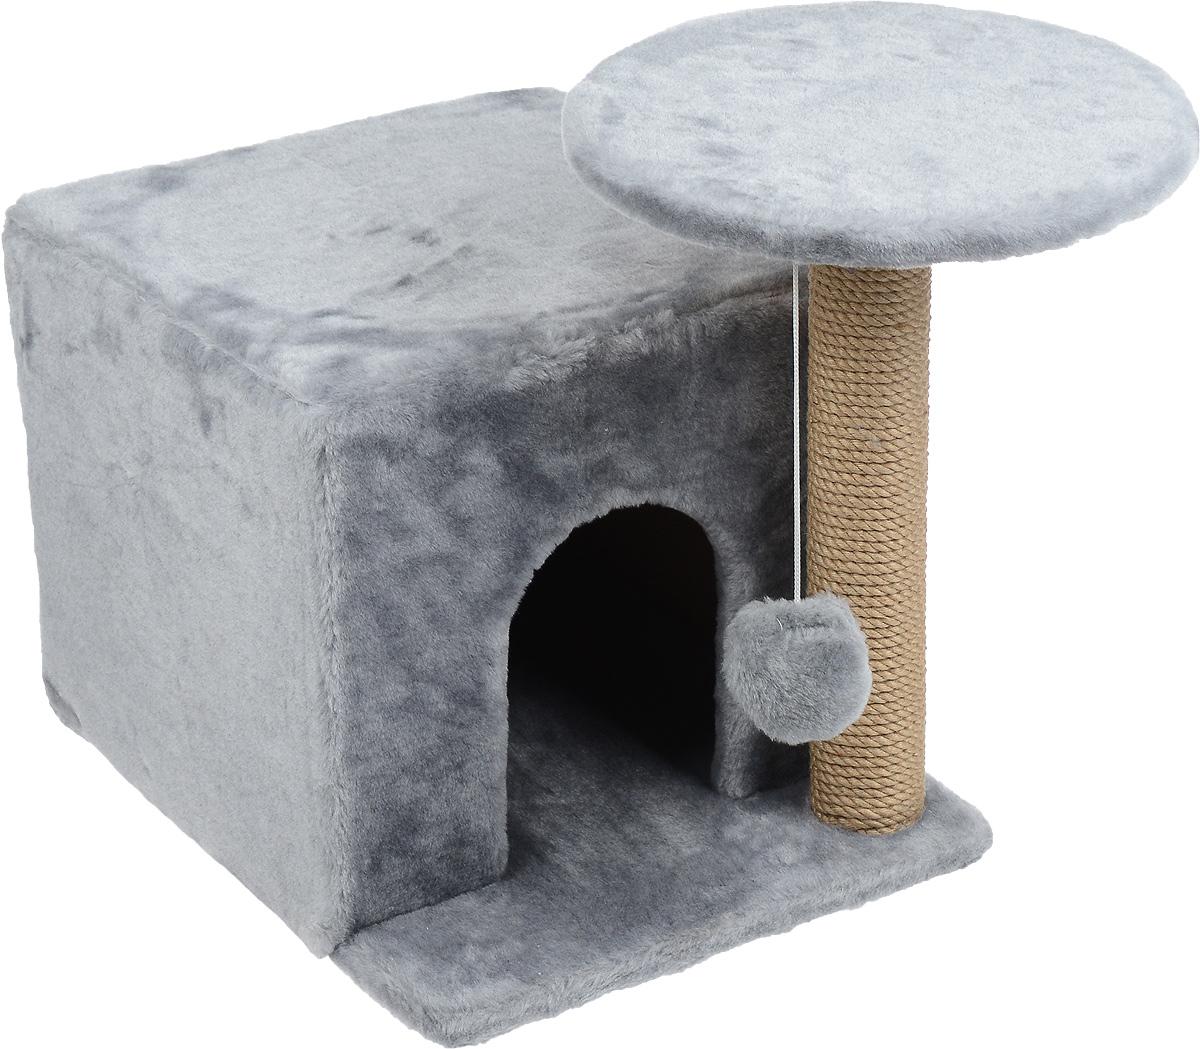 Игровой комплекс для кошек Меридиан, с когтеточкой и домиком, цвет: светло-серый, бежевый, 59 х 45 х 44 смД132 ССИгровой комплекс для кошек Меридиан выполнен из высококачественного ДВП и ДСП и обтянут искусственным мехом. Изделие предназначено для кошек. Ваш домашний питомец будет с удовольствием точить когти о специальный столбик, изготовленный из джута. А отдохнуть он сможет либо на полке, находящейся наверху столбика, либо в расположенном внизу домике. Также на полке имеется подвесная игрушка, которая привлечет внимание кошки к когтеточке.Общий размер: 59 х 45 х 44 см.Диаметр полки: 31 см.Размер домика: 45 х 35 х 32 см.